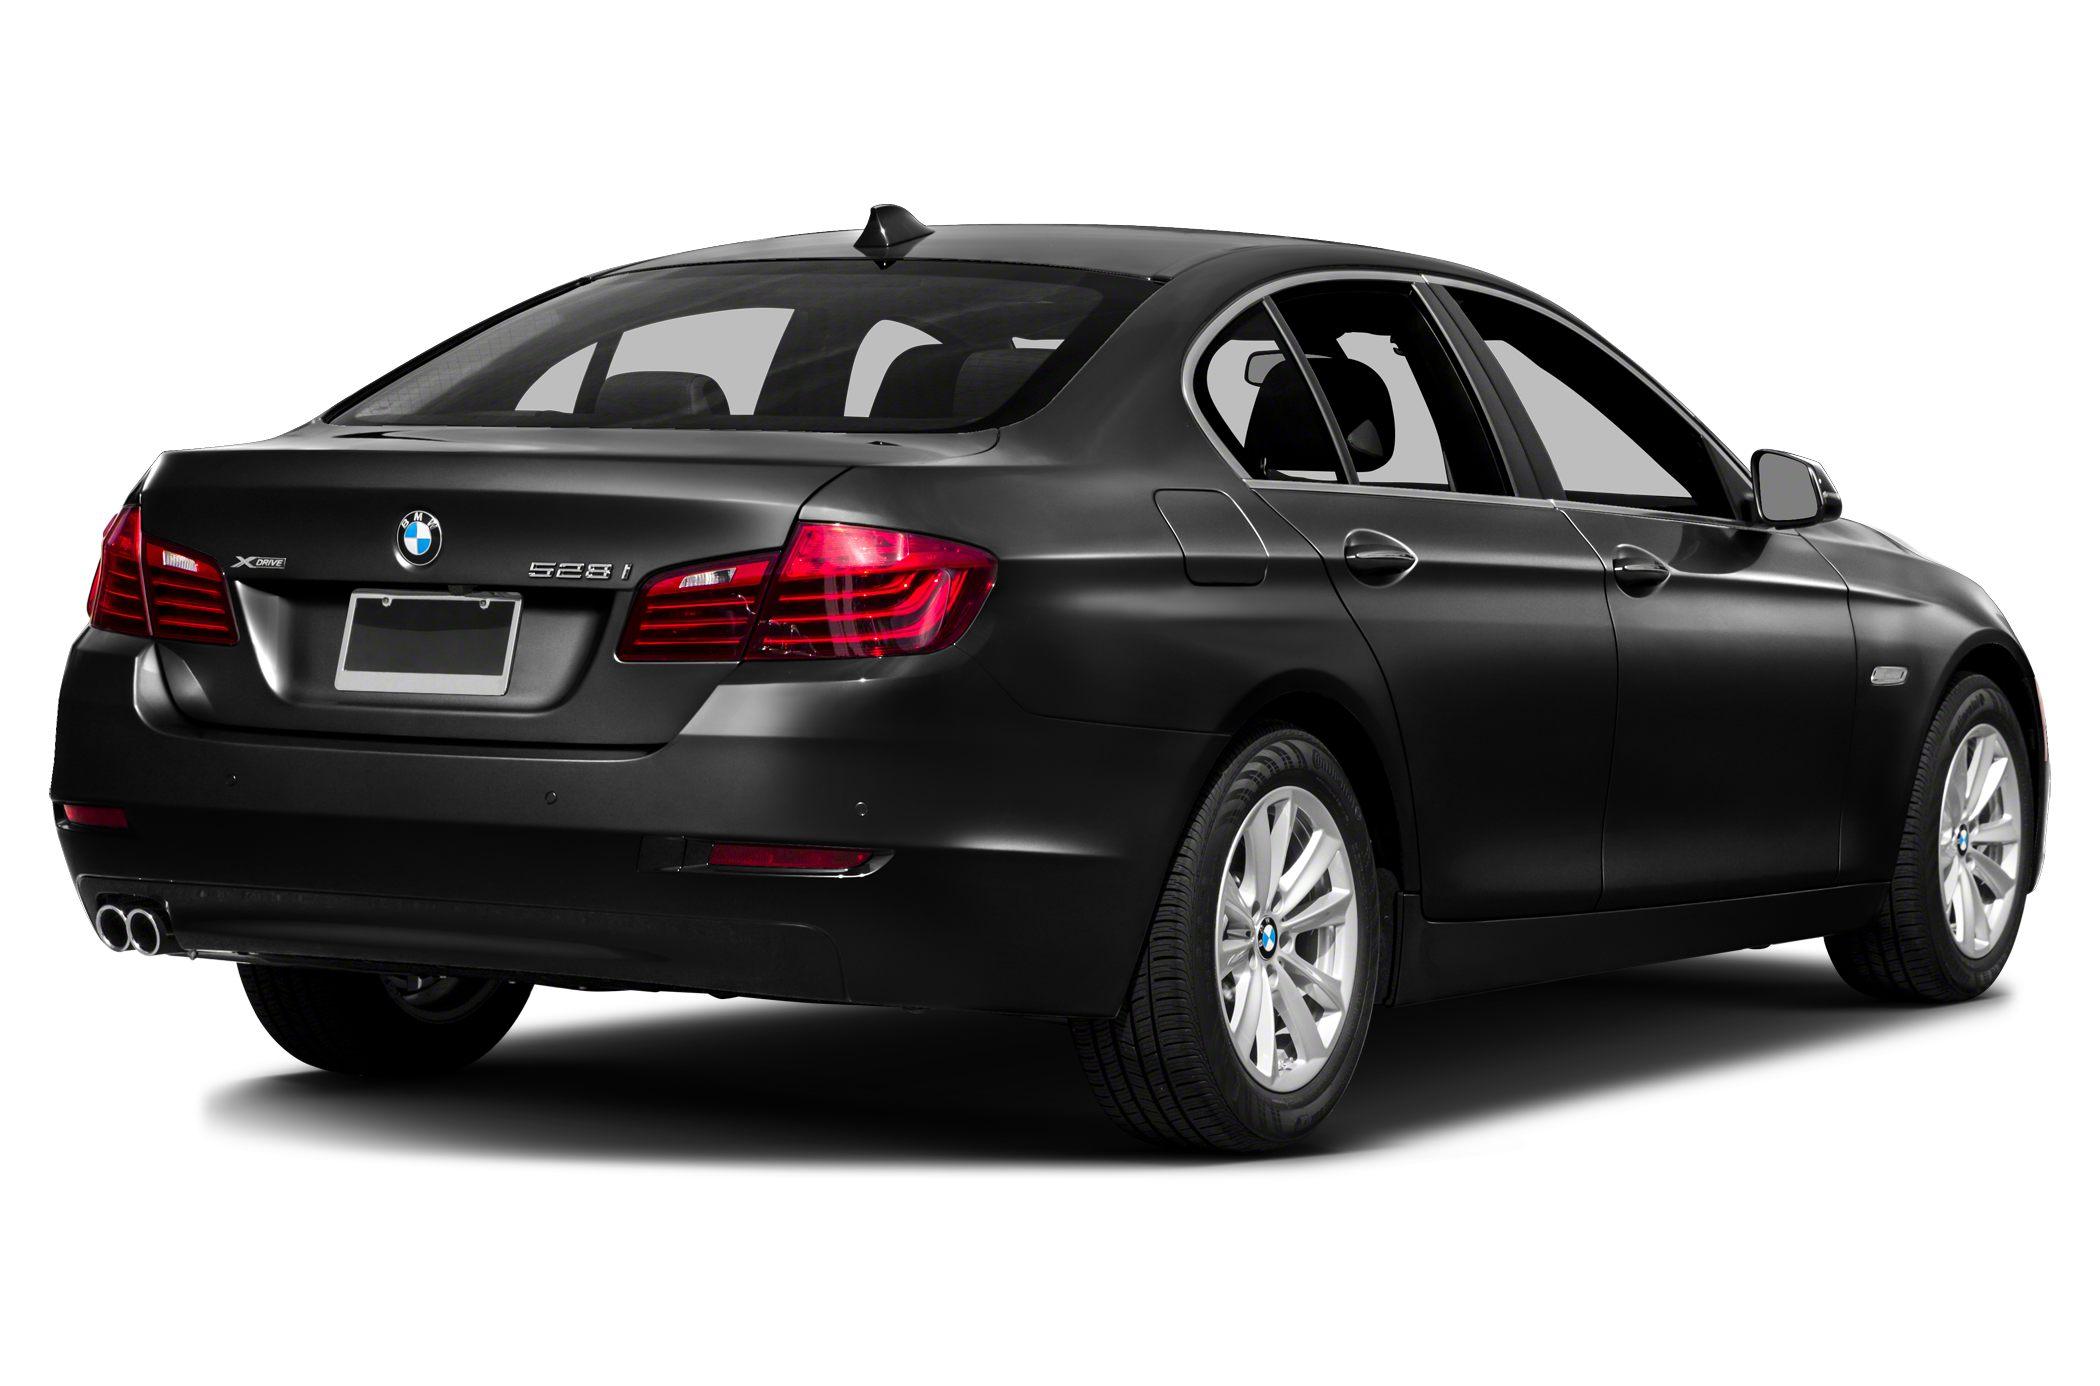 2014 BMW 535i Exterior